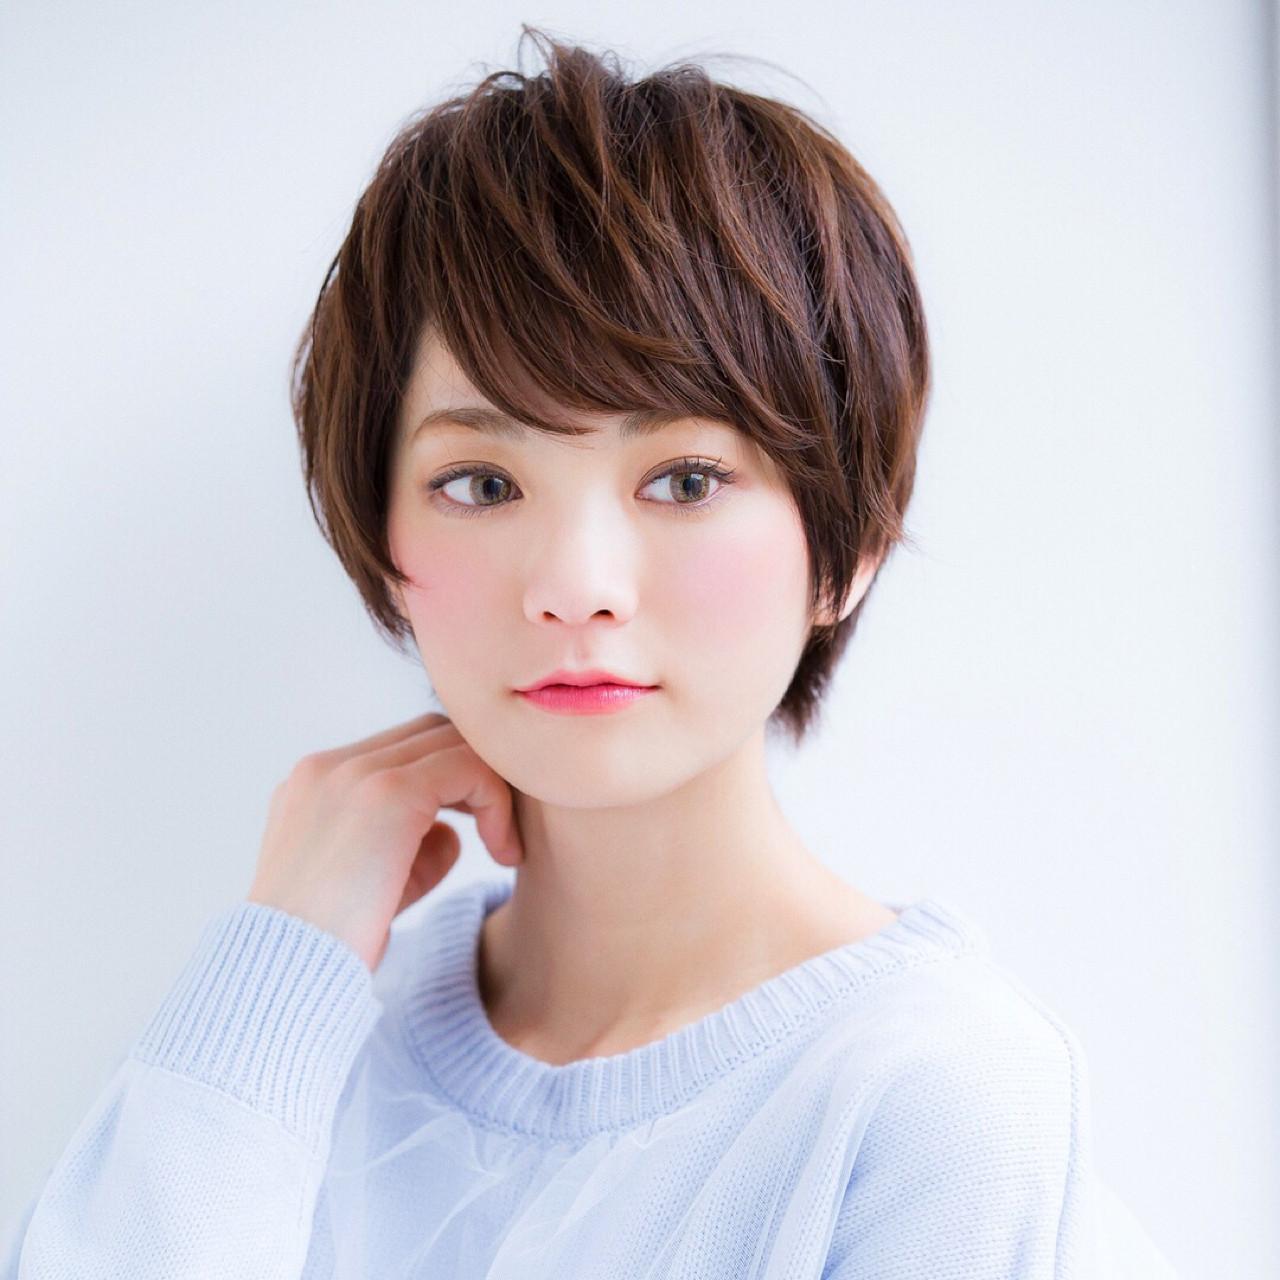 大人かわいい 色気 ショート ボブ ヘアスタイルや髪型の写真・画像 | 【ボブのスペシャリスト】東 純平 / Gallica mimami aoyama